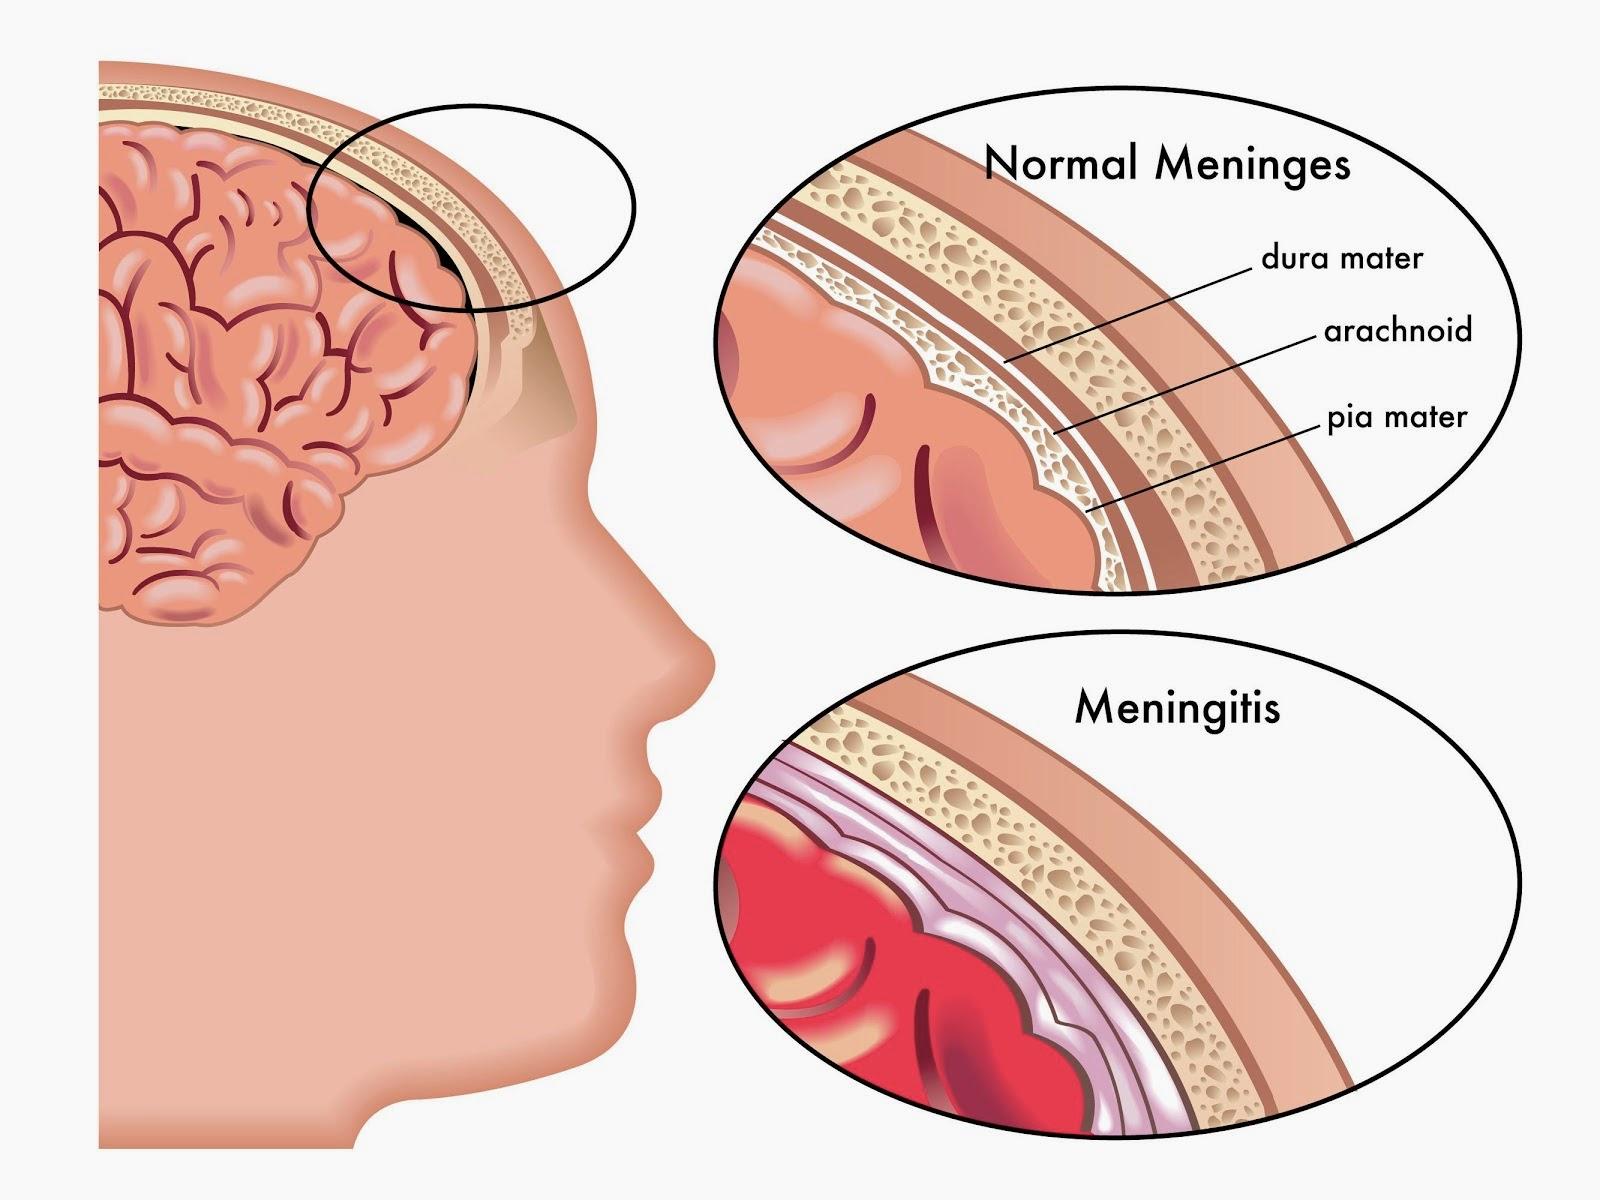 gambar meningitis,pengertian dan penyebab meningitis